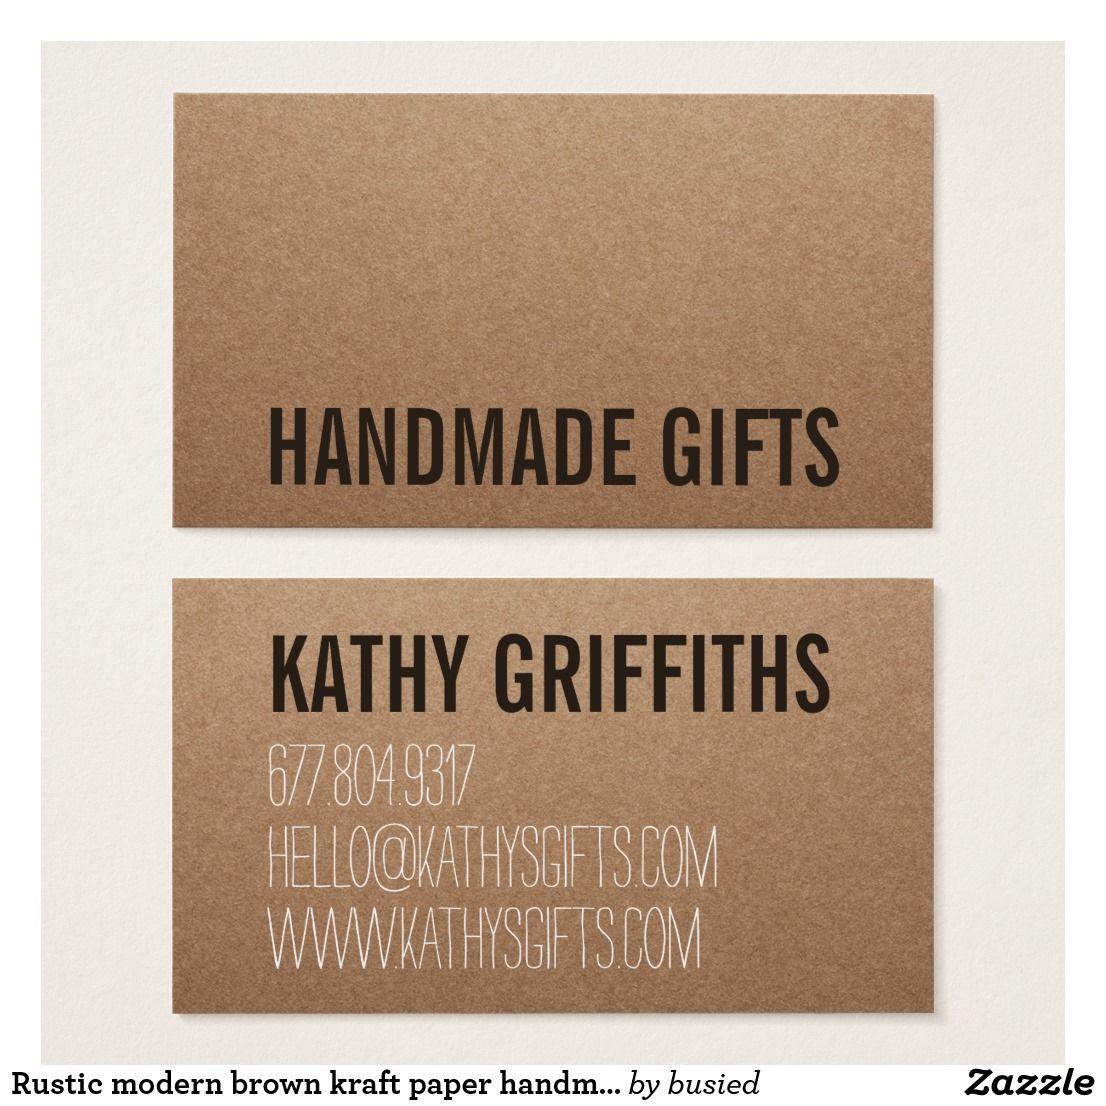 Rustic modern brown kraft paper handmade cardboard business card rustic modern brown kraft paper handmade cardboard business card colourmoves